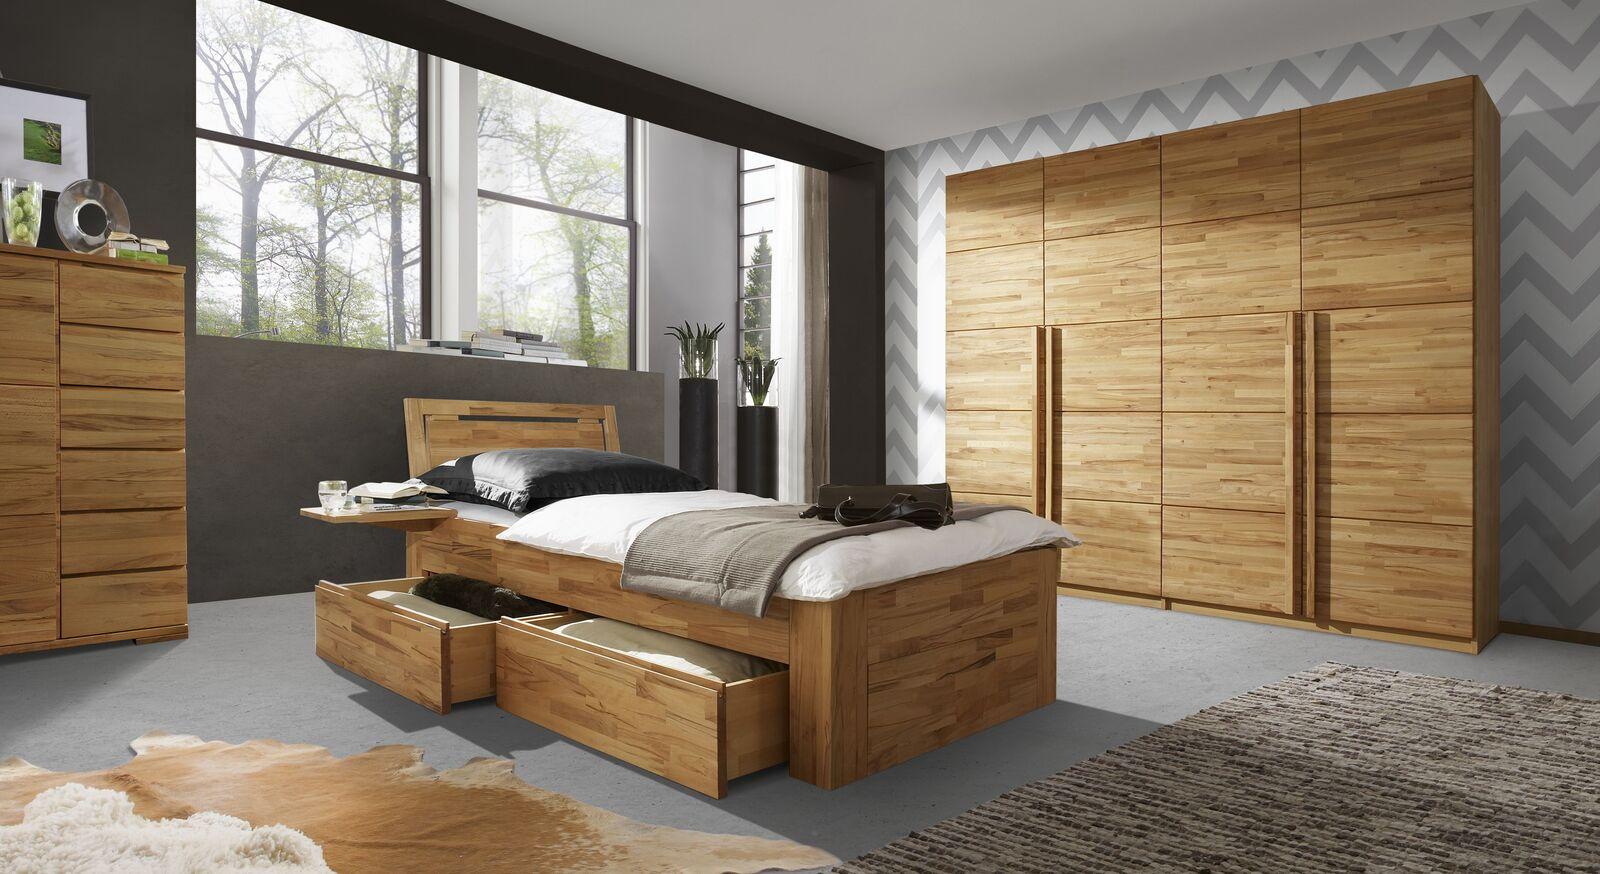 Schubkasten-Einzelbett Andalucia mit passenden Möbeln